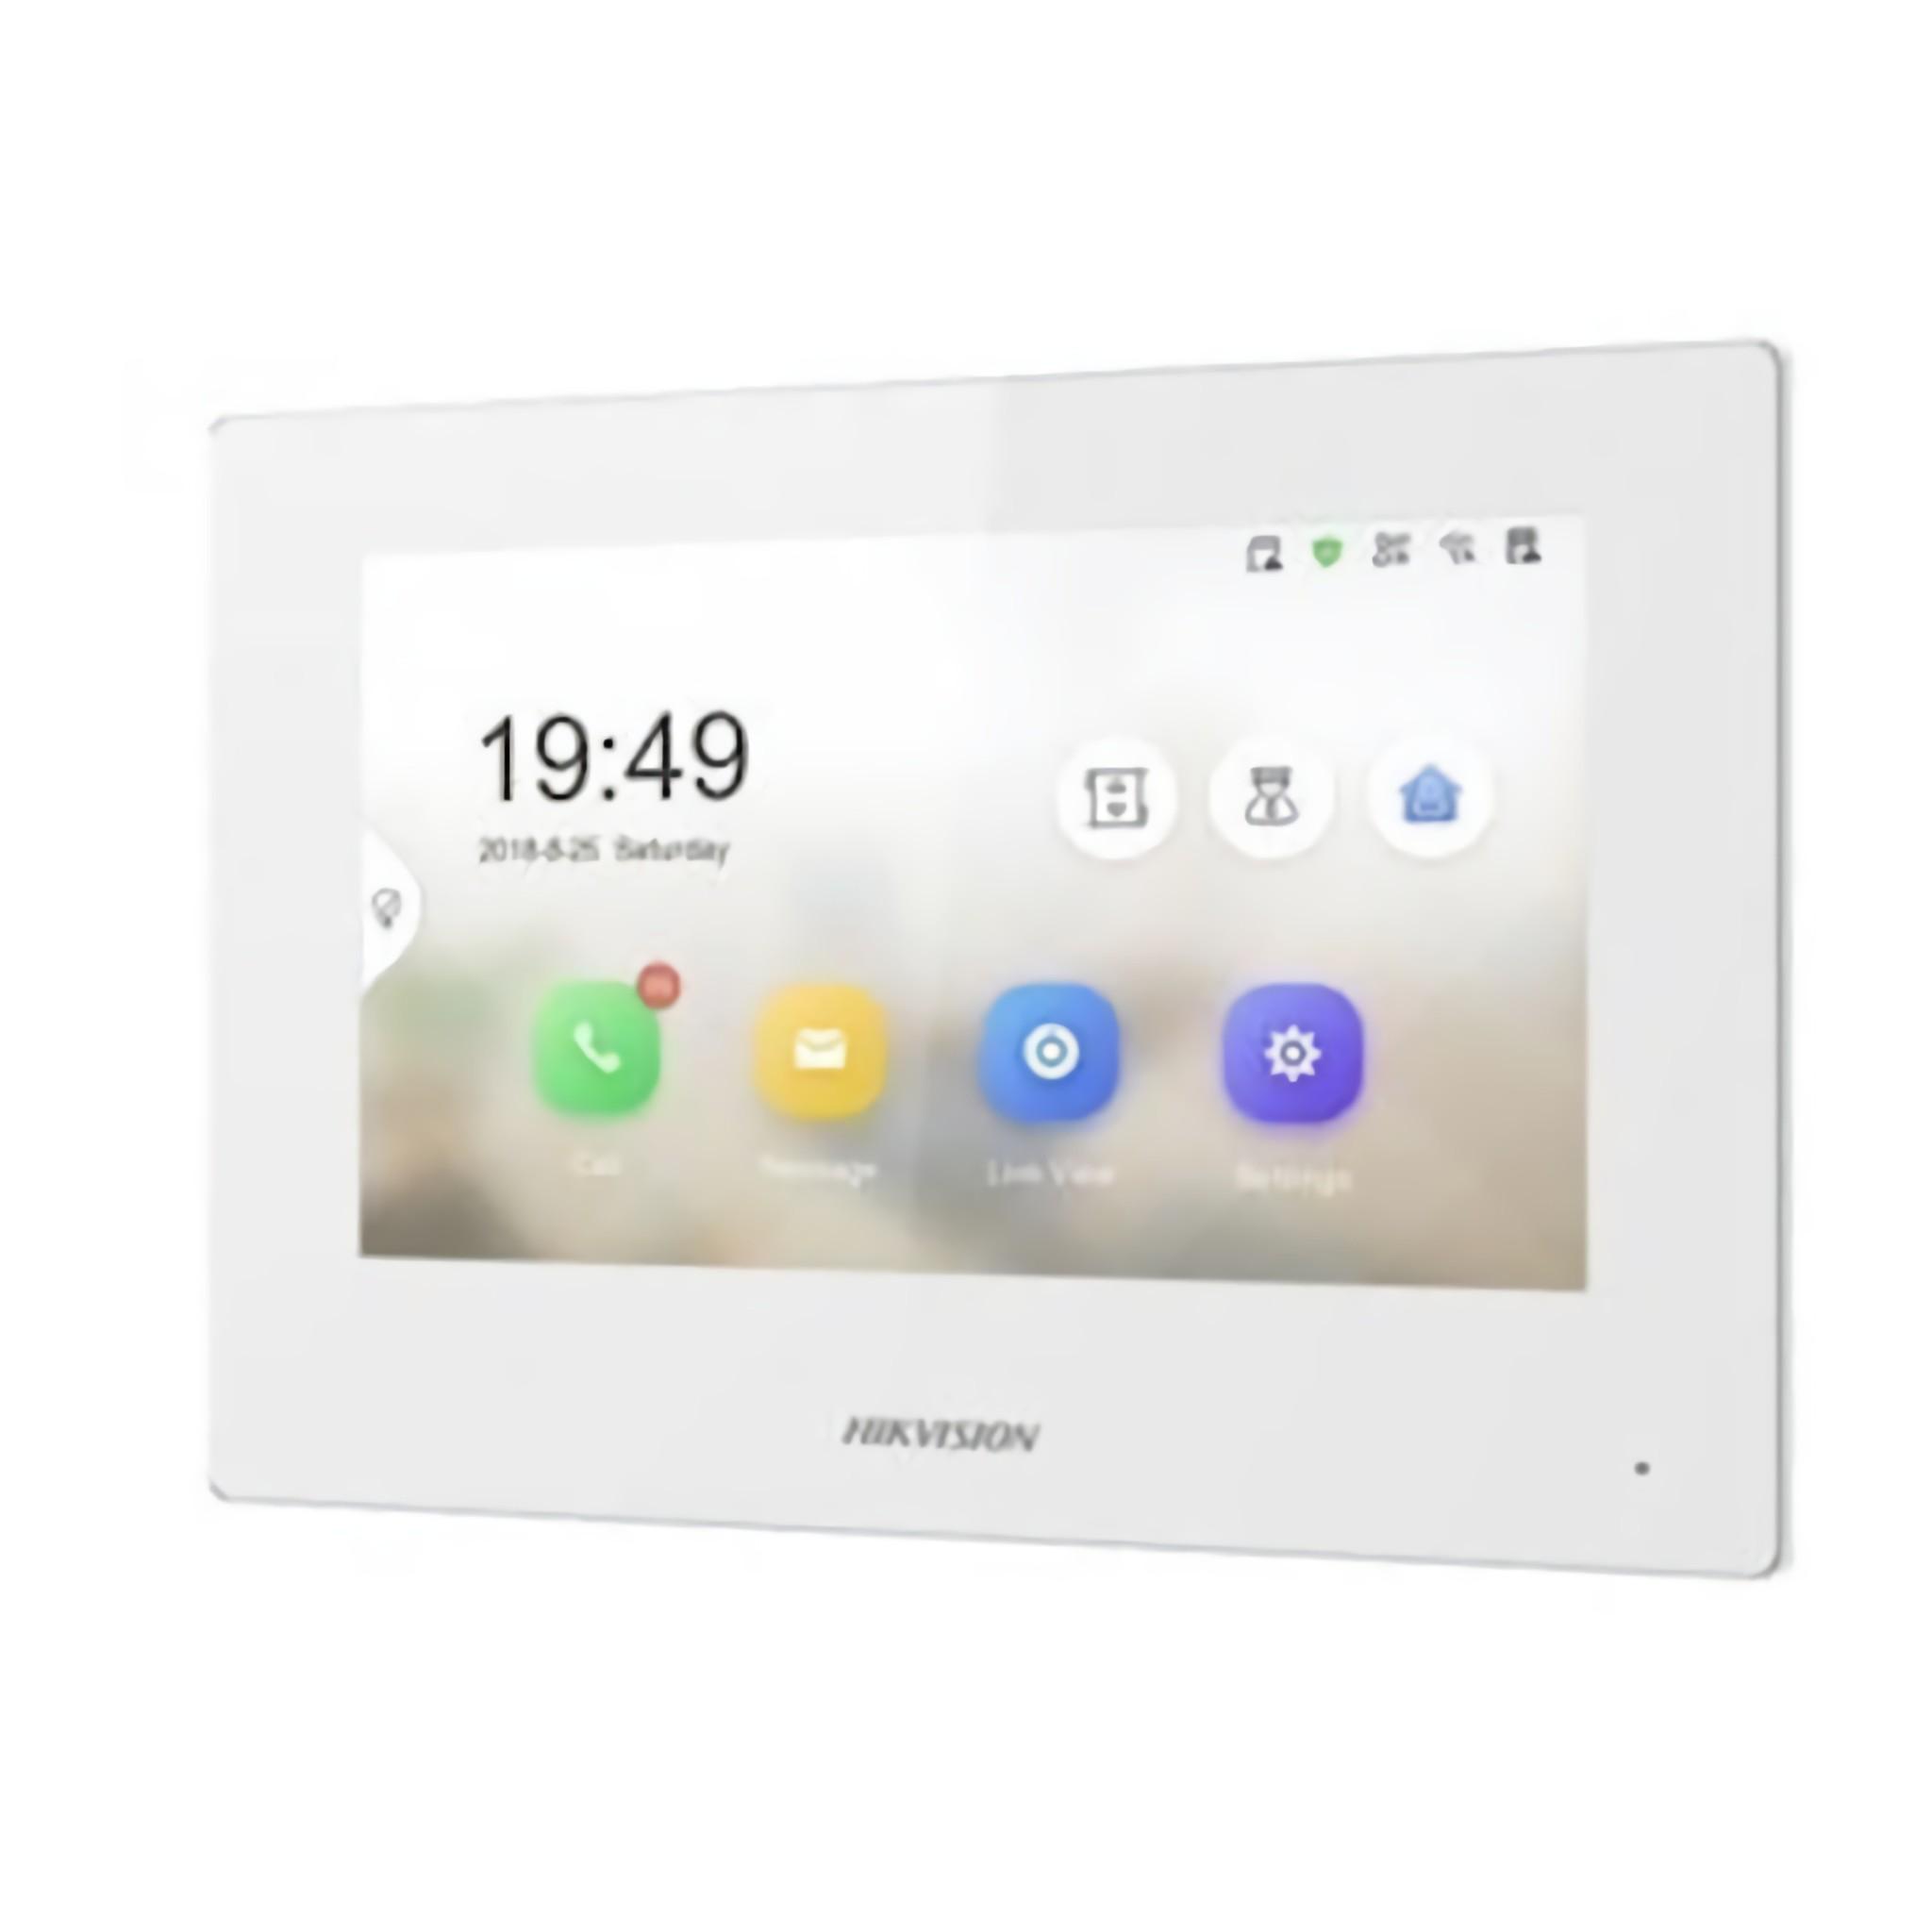 De DS-KH6320-WTE2 White binnenpost is specifiek bedoelt voor de nieuwe Hikvision 2-draads intercom oplossing. Een nieuw design met een 7-inch 'capacitive touch' paneel met ingebouwde microfoon en speaker.